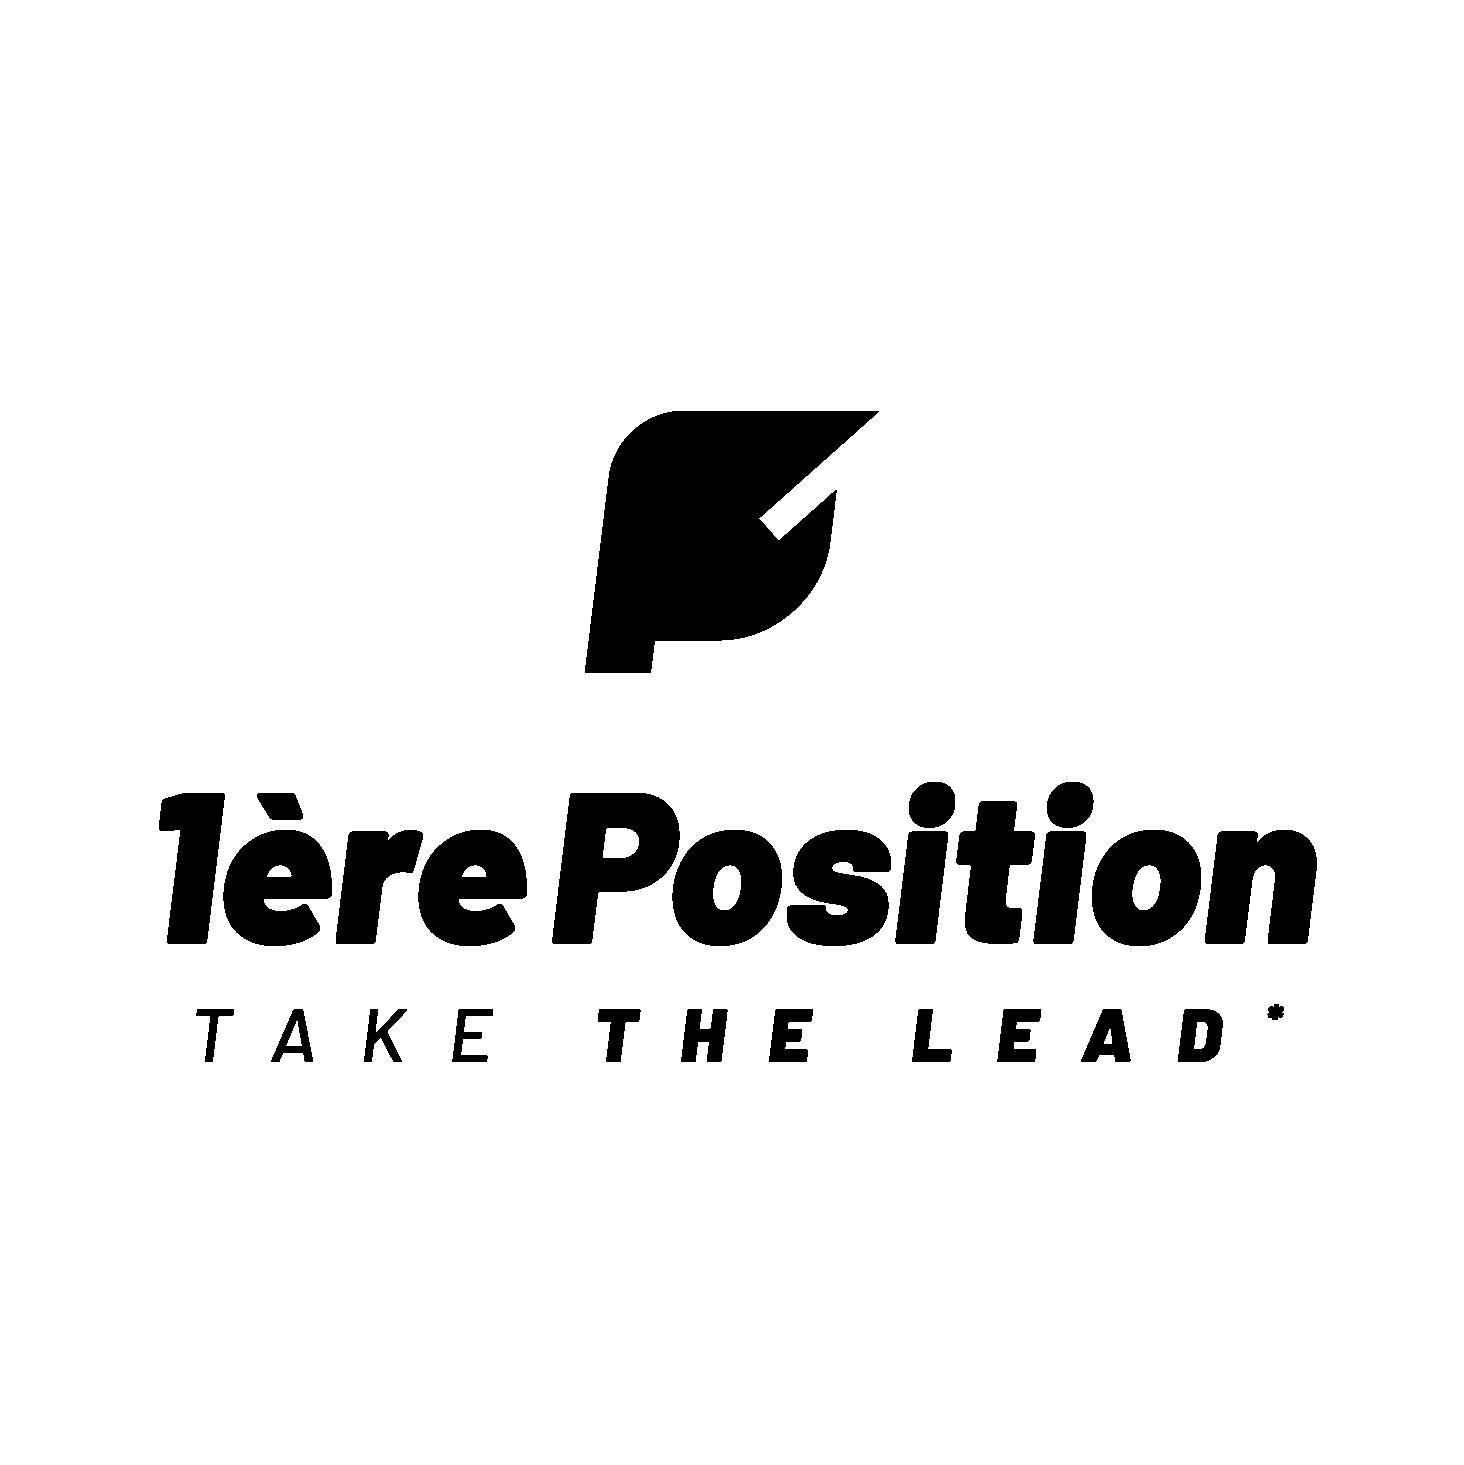 (c) 1ere-position.fr